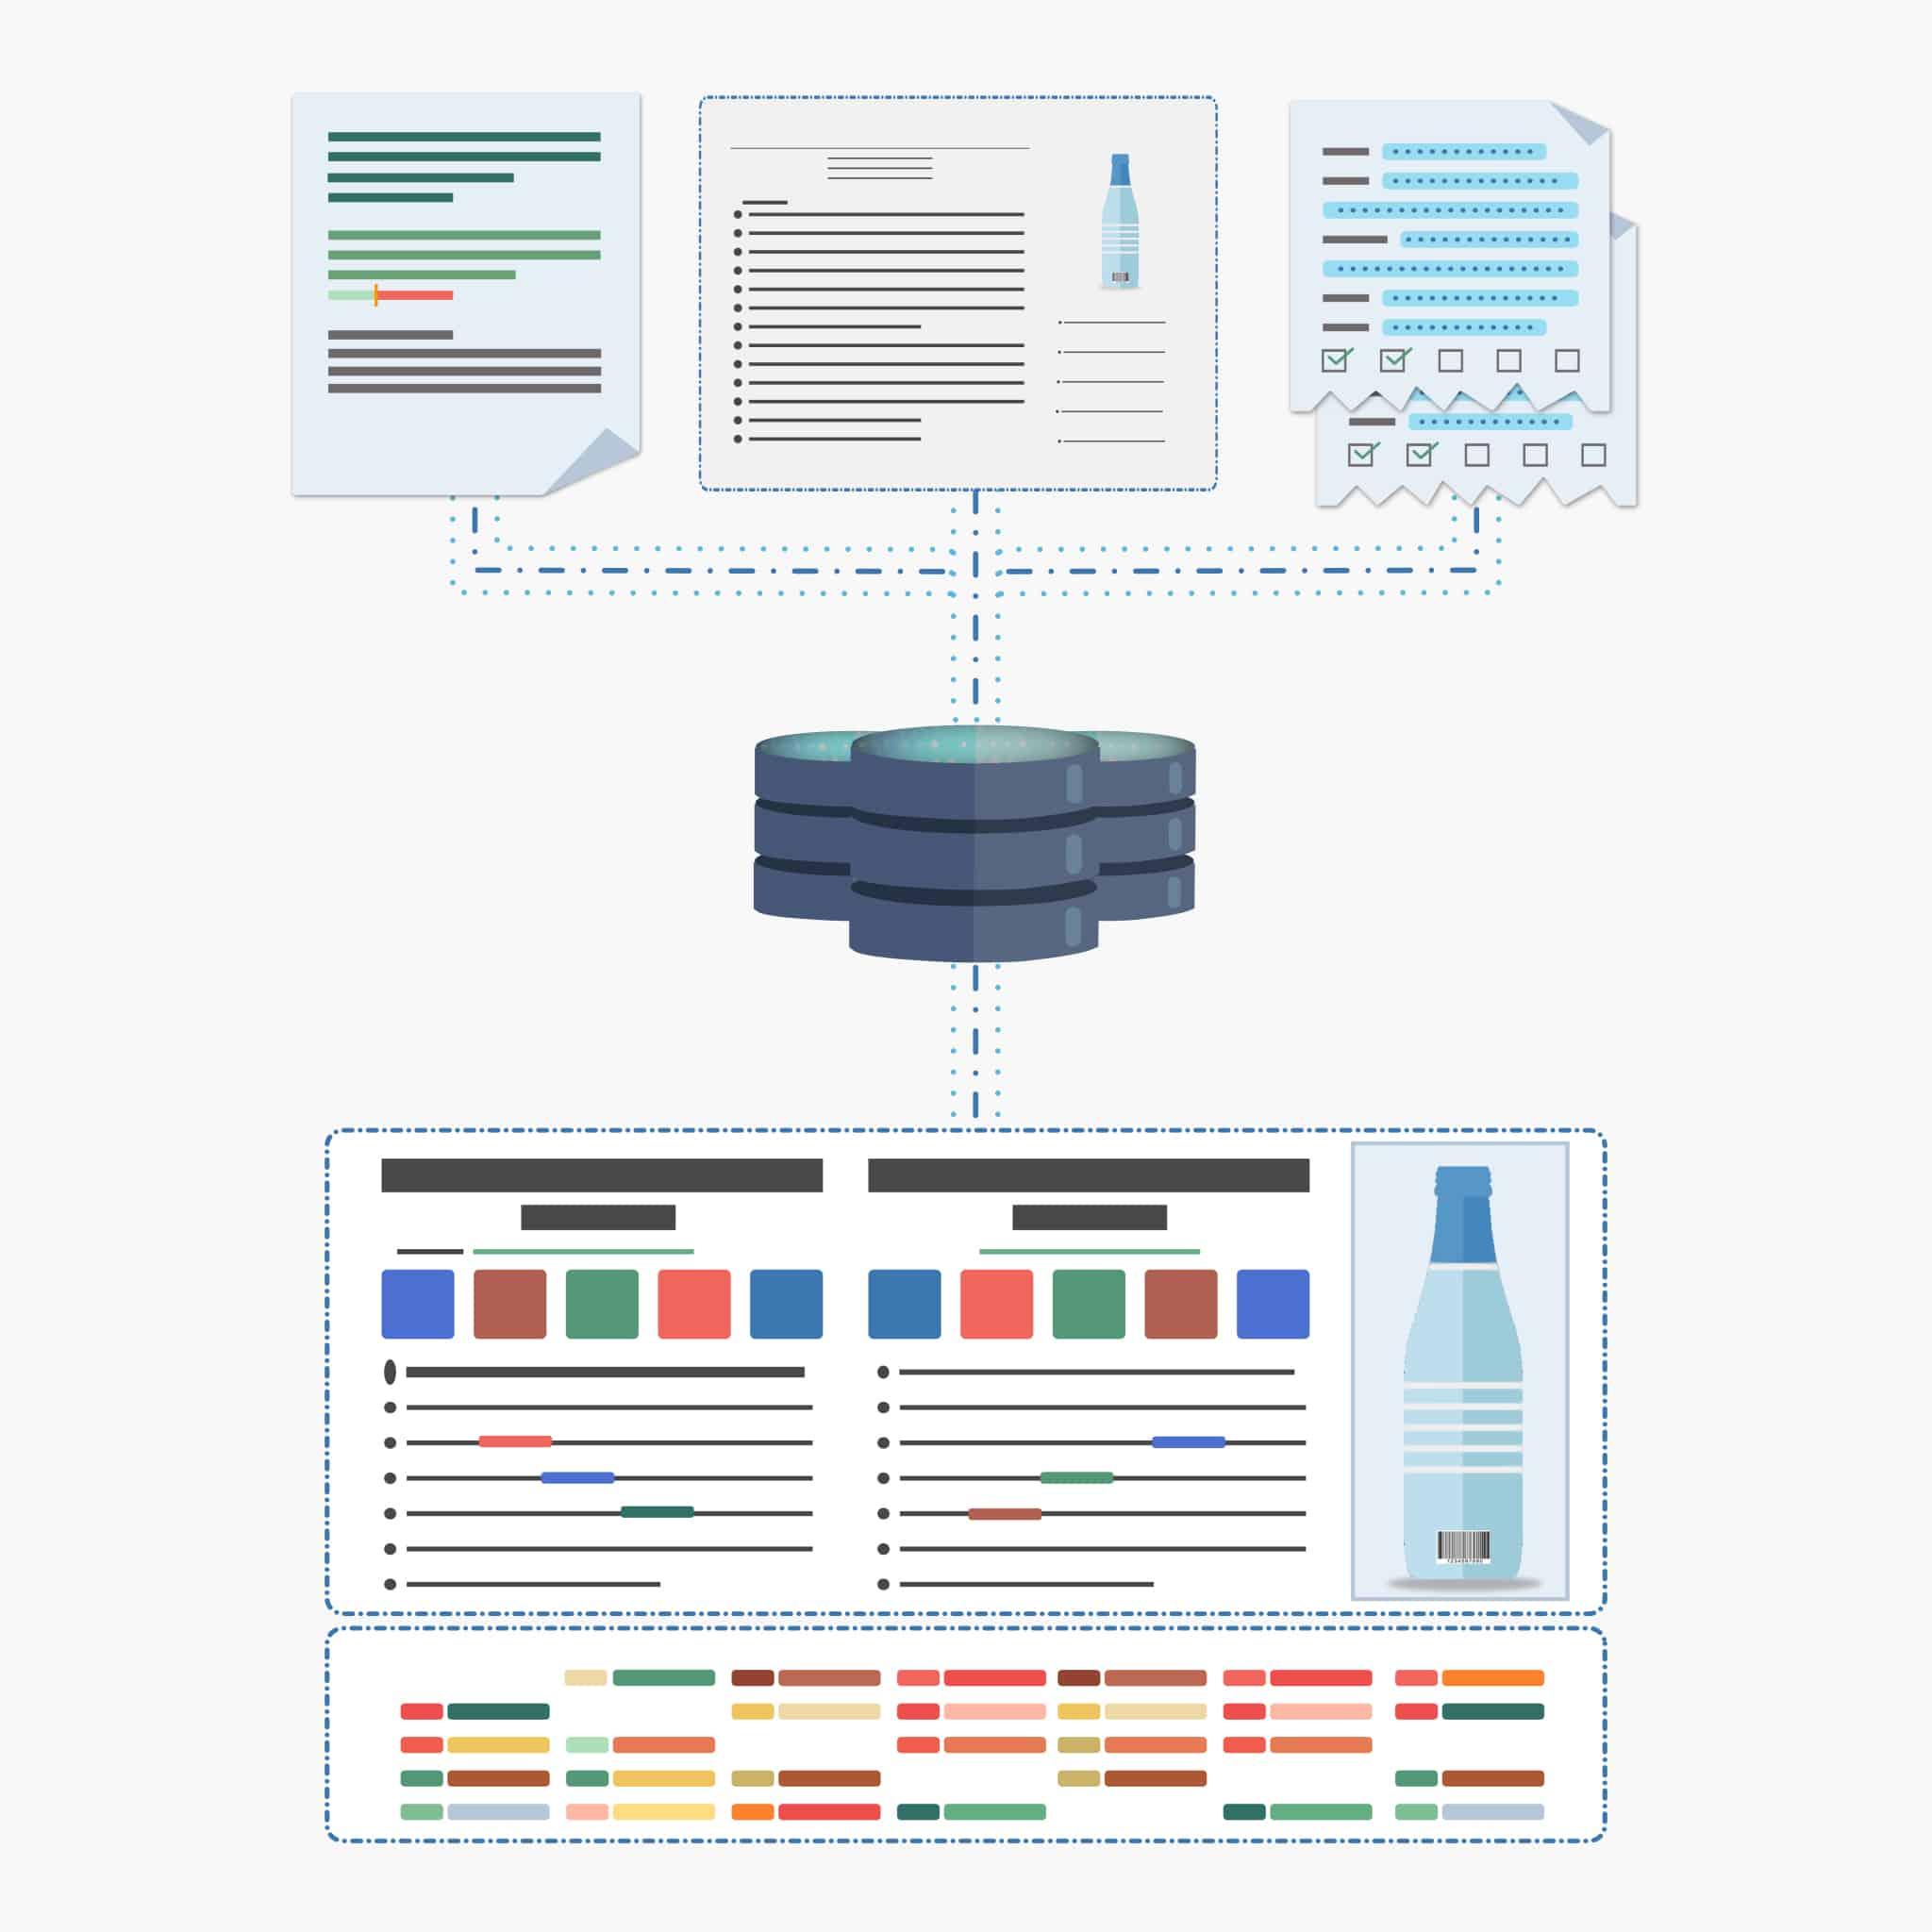 Product_Data_Enrichment